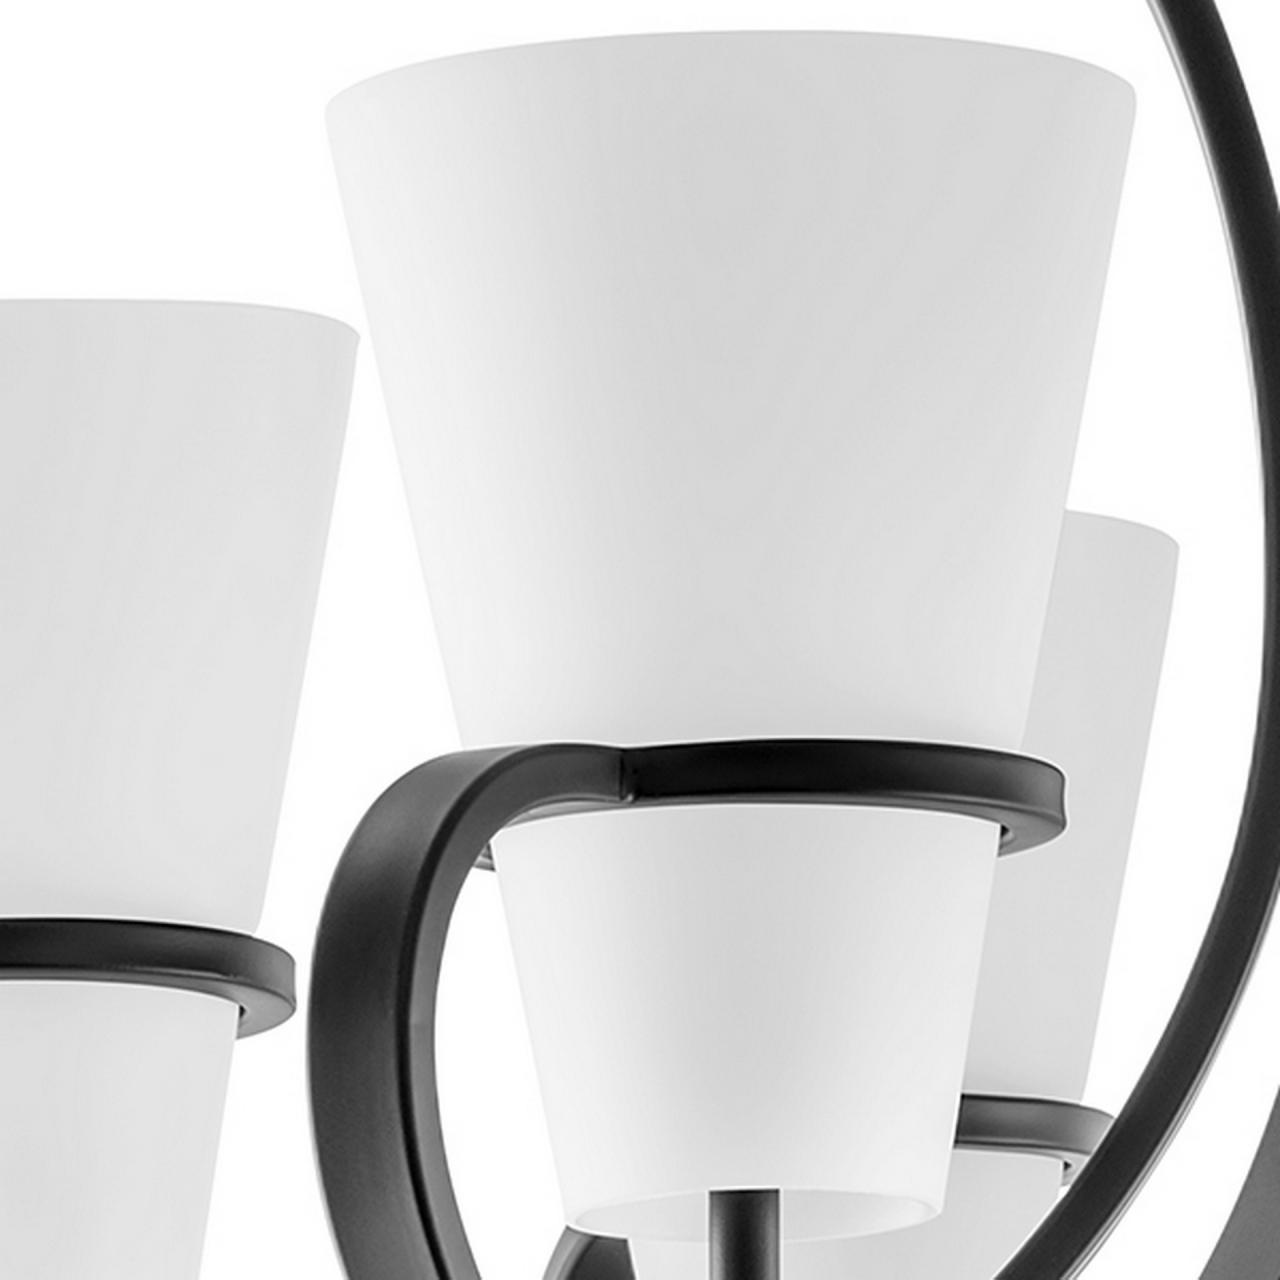 Подвесная люстра FIACOLLA LightStar 733067 цвет - черный/белый